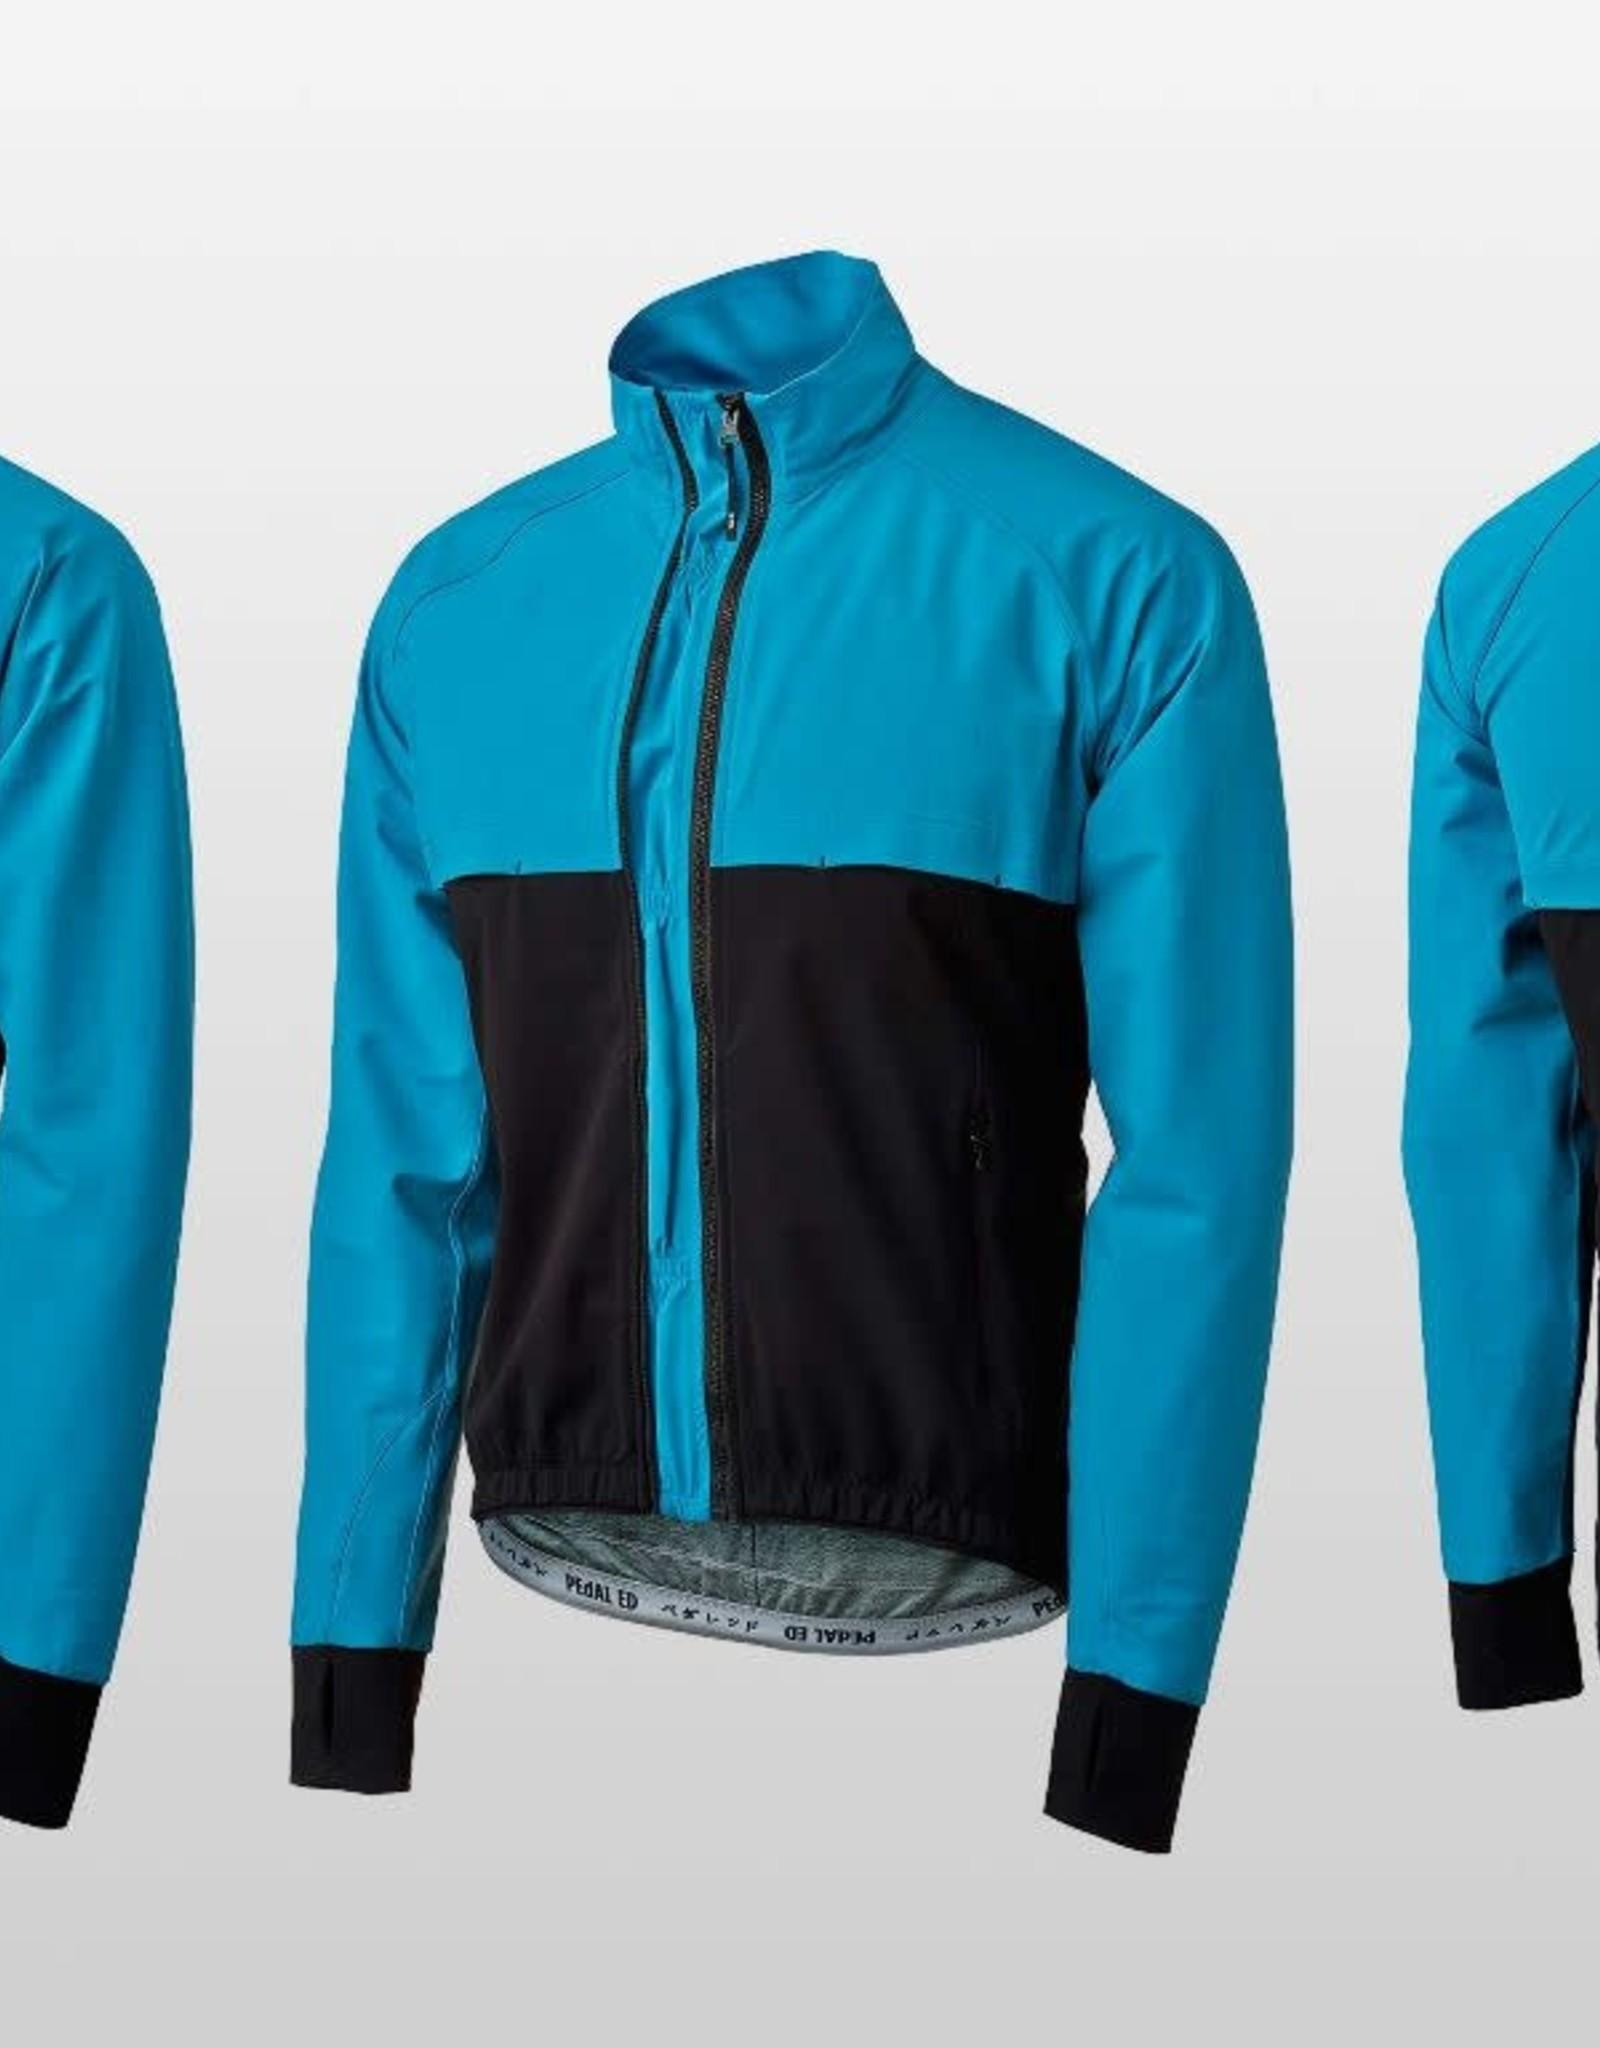 Pedal Ed Kanaya Jacket - Blauw